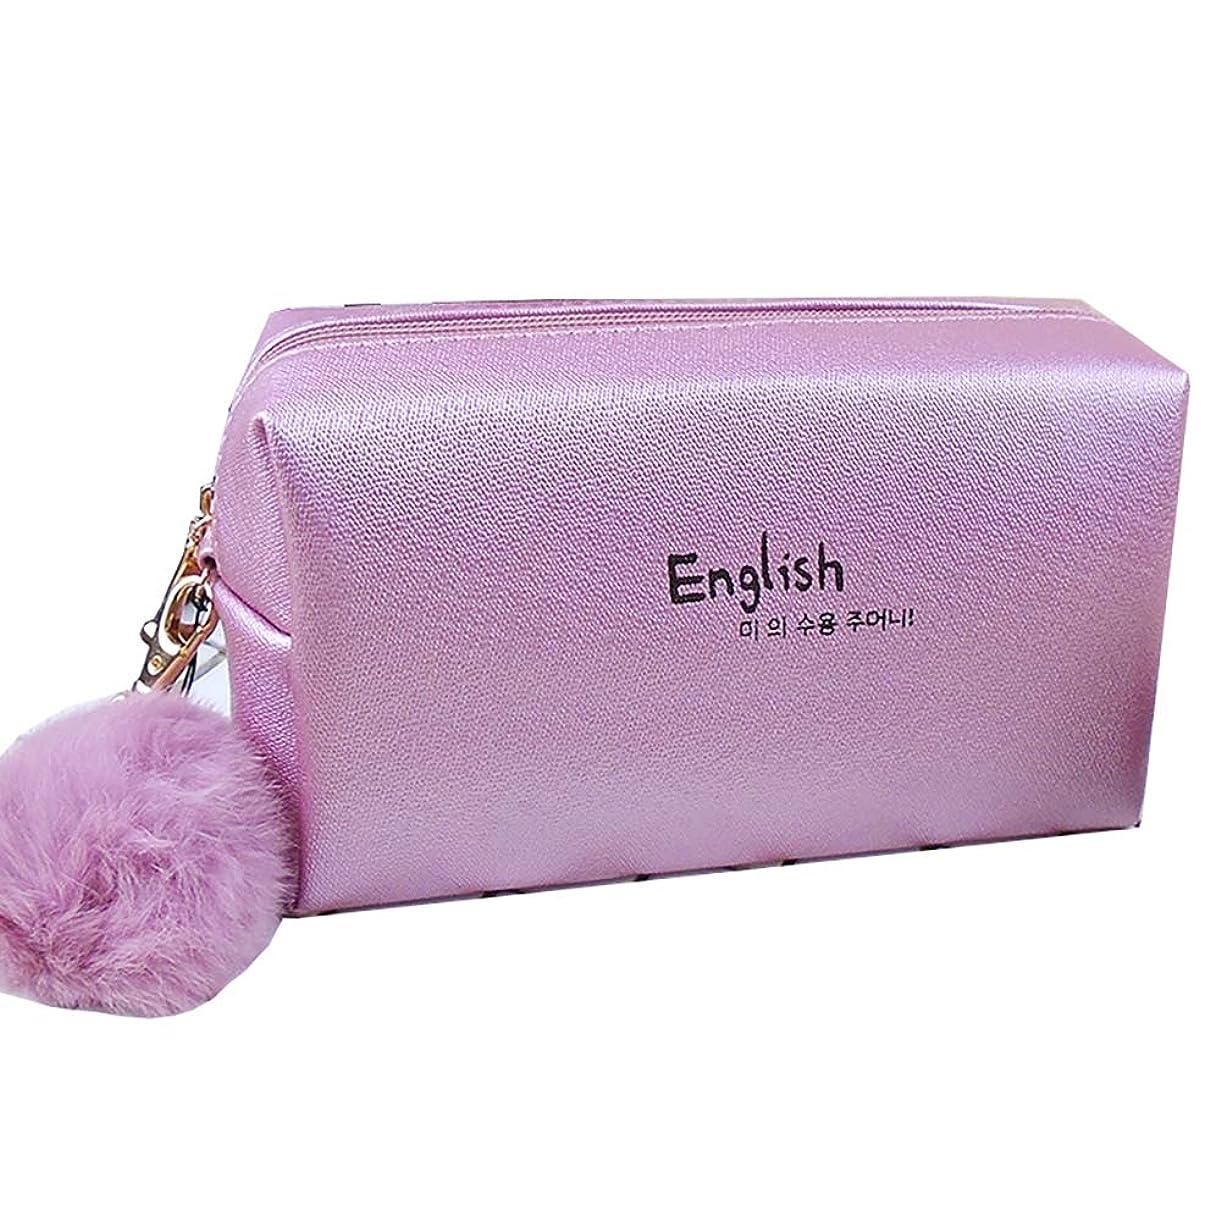 アブストラクトトン破壊する毛球や収納袋と旅行、女性(淡いピンク1)防水バッグ